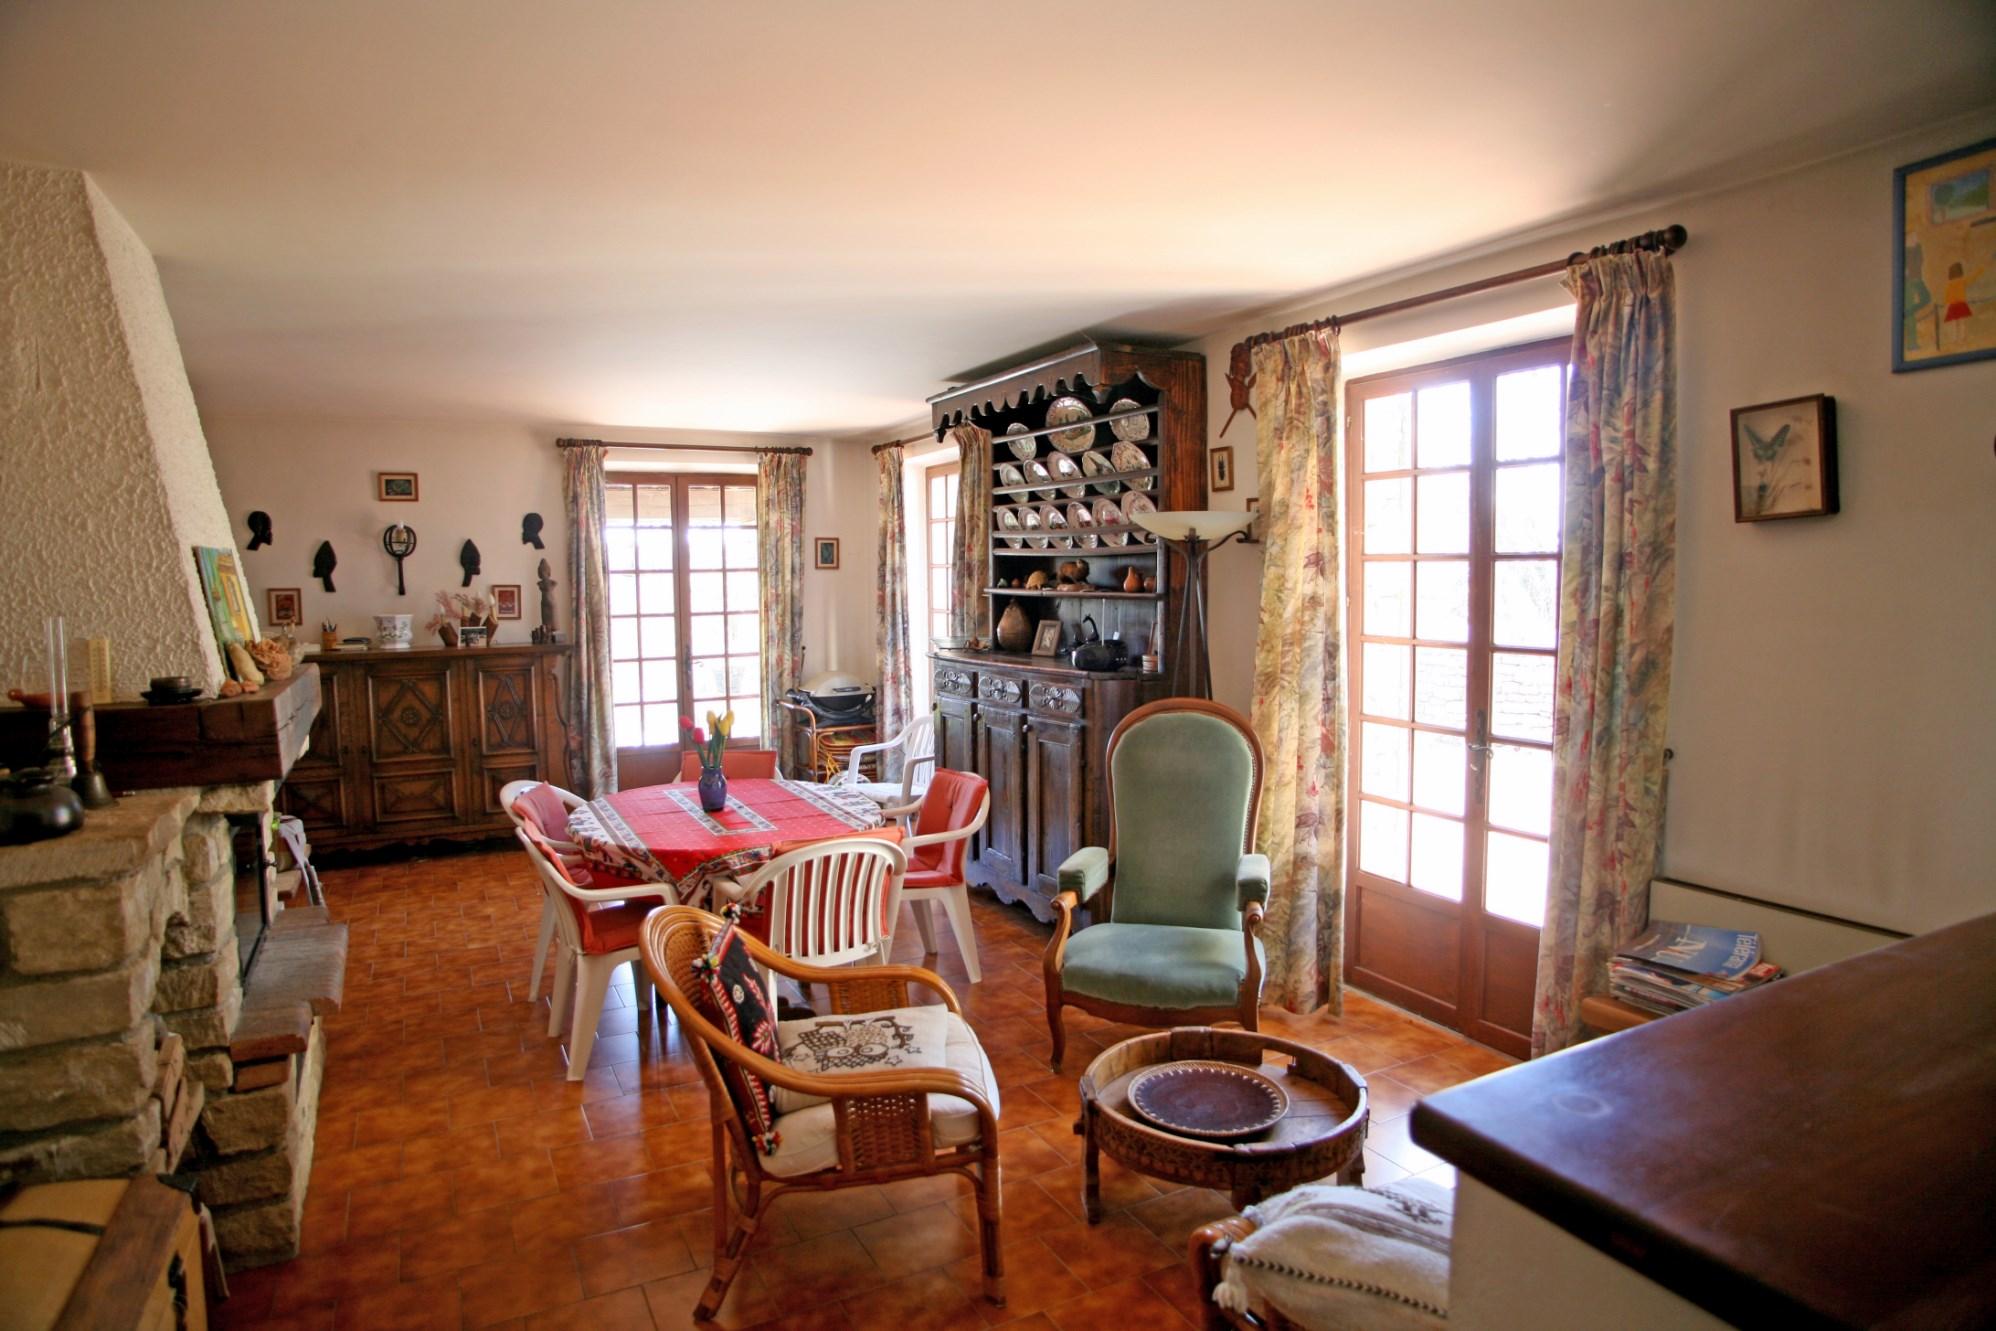 A vendre en Luberon,  maison en pierres avec terrasses,  piscine sur 6000 m² environ de jardin